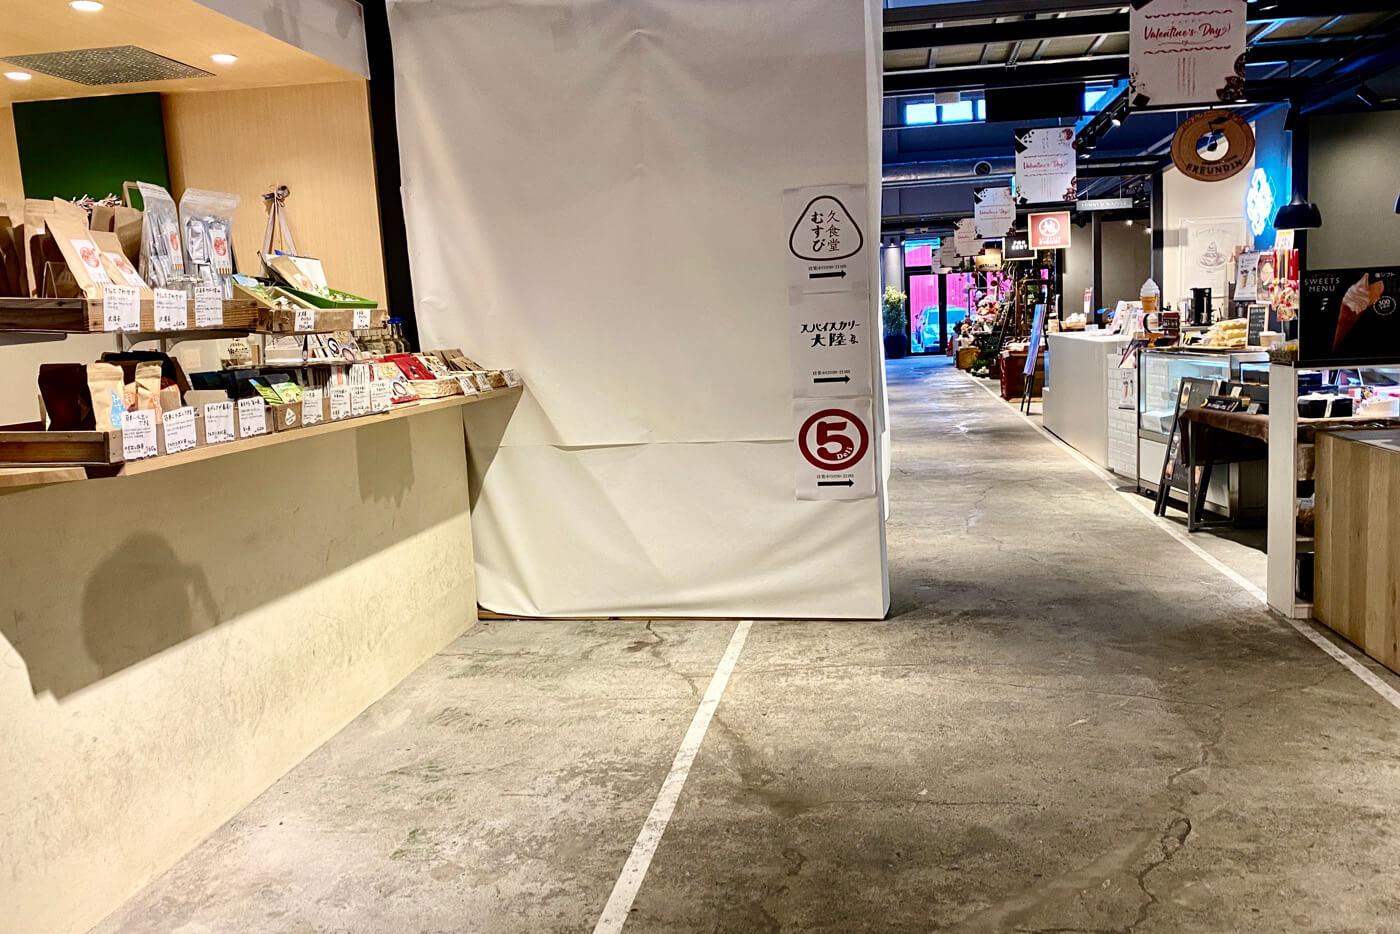 2020年2月上旬時点で一部が空き店舗になっている高知蔦屋書店内